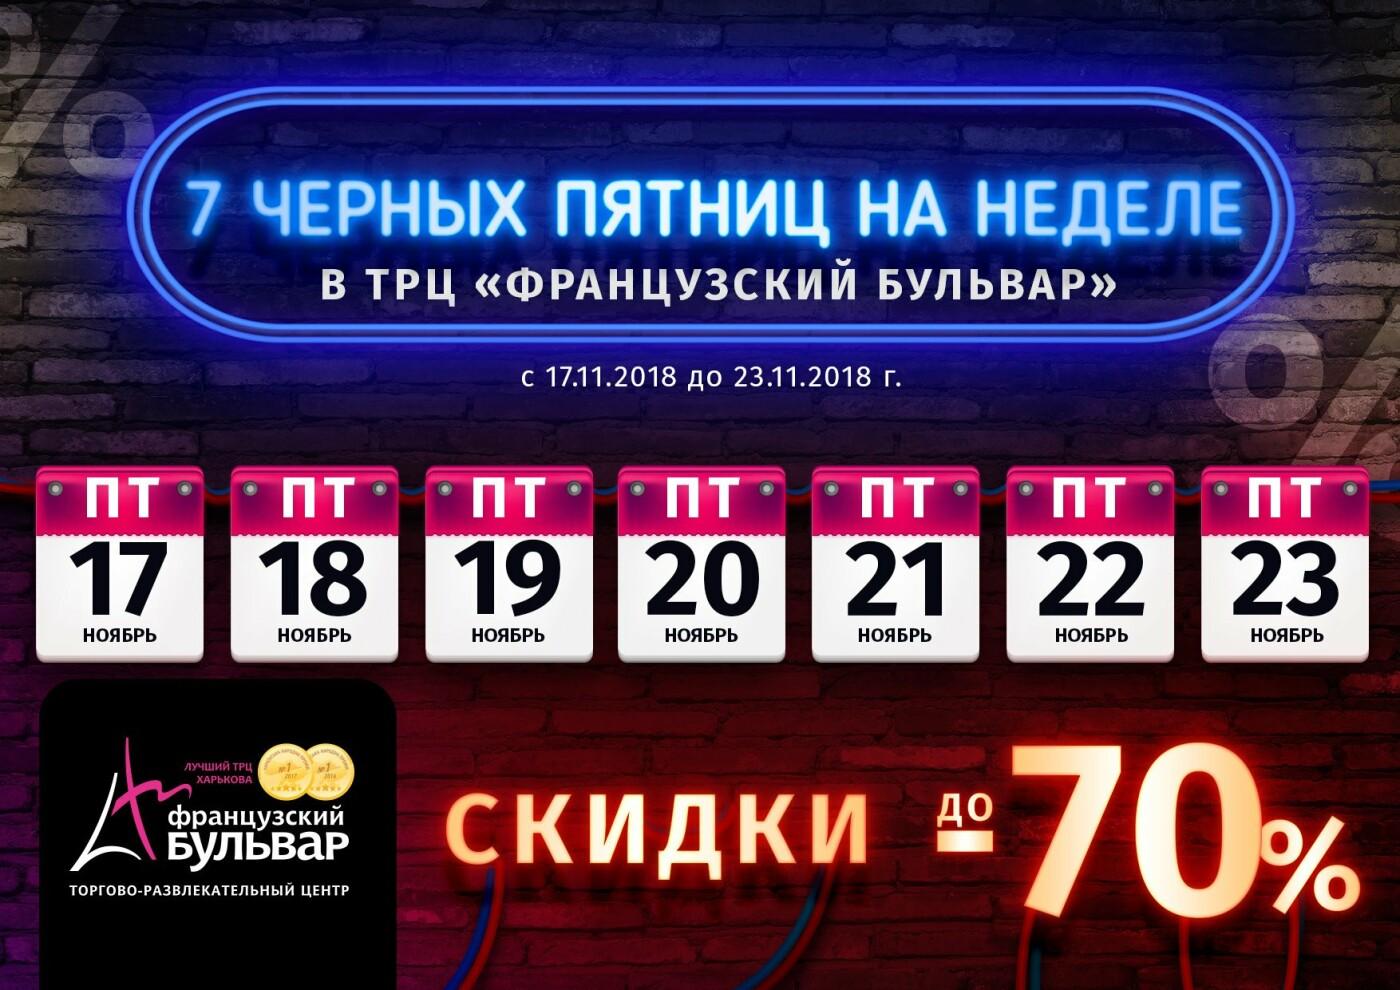 """7 пятниц на неделе в ТРЦ """"Французский Бульвар""""!, фото-1"""